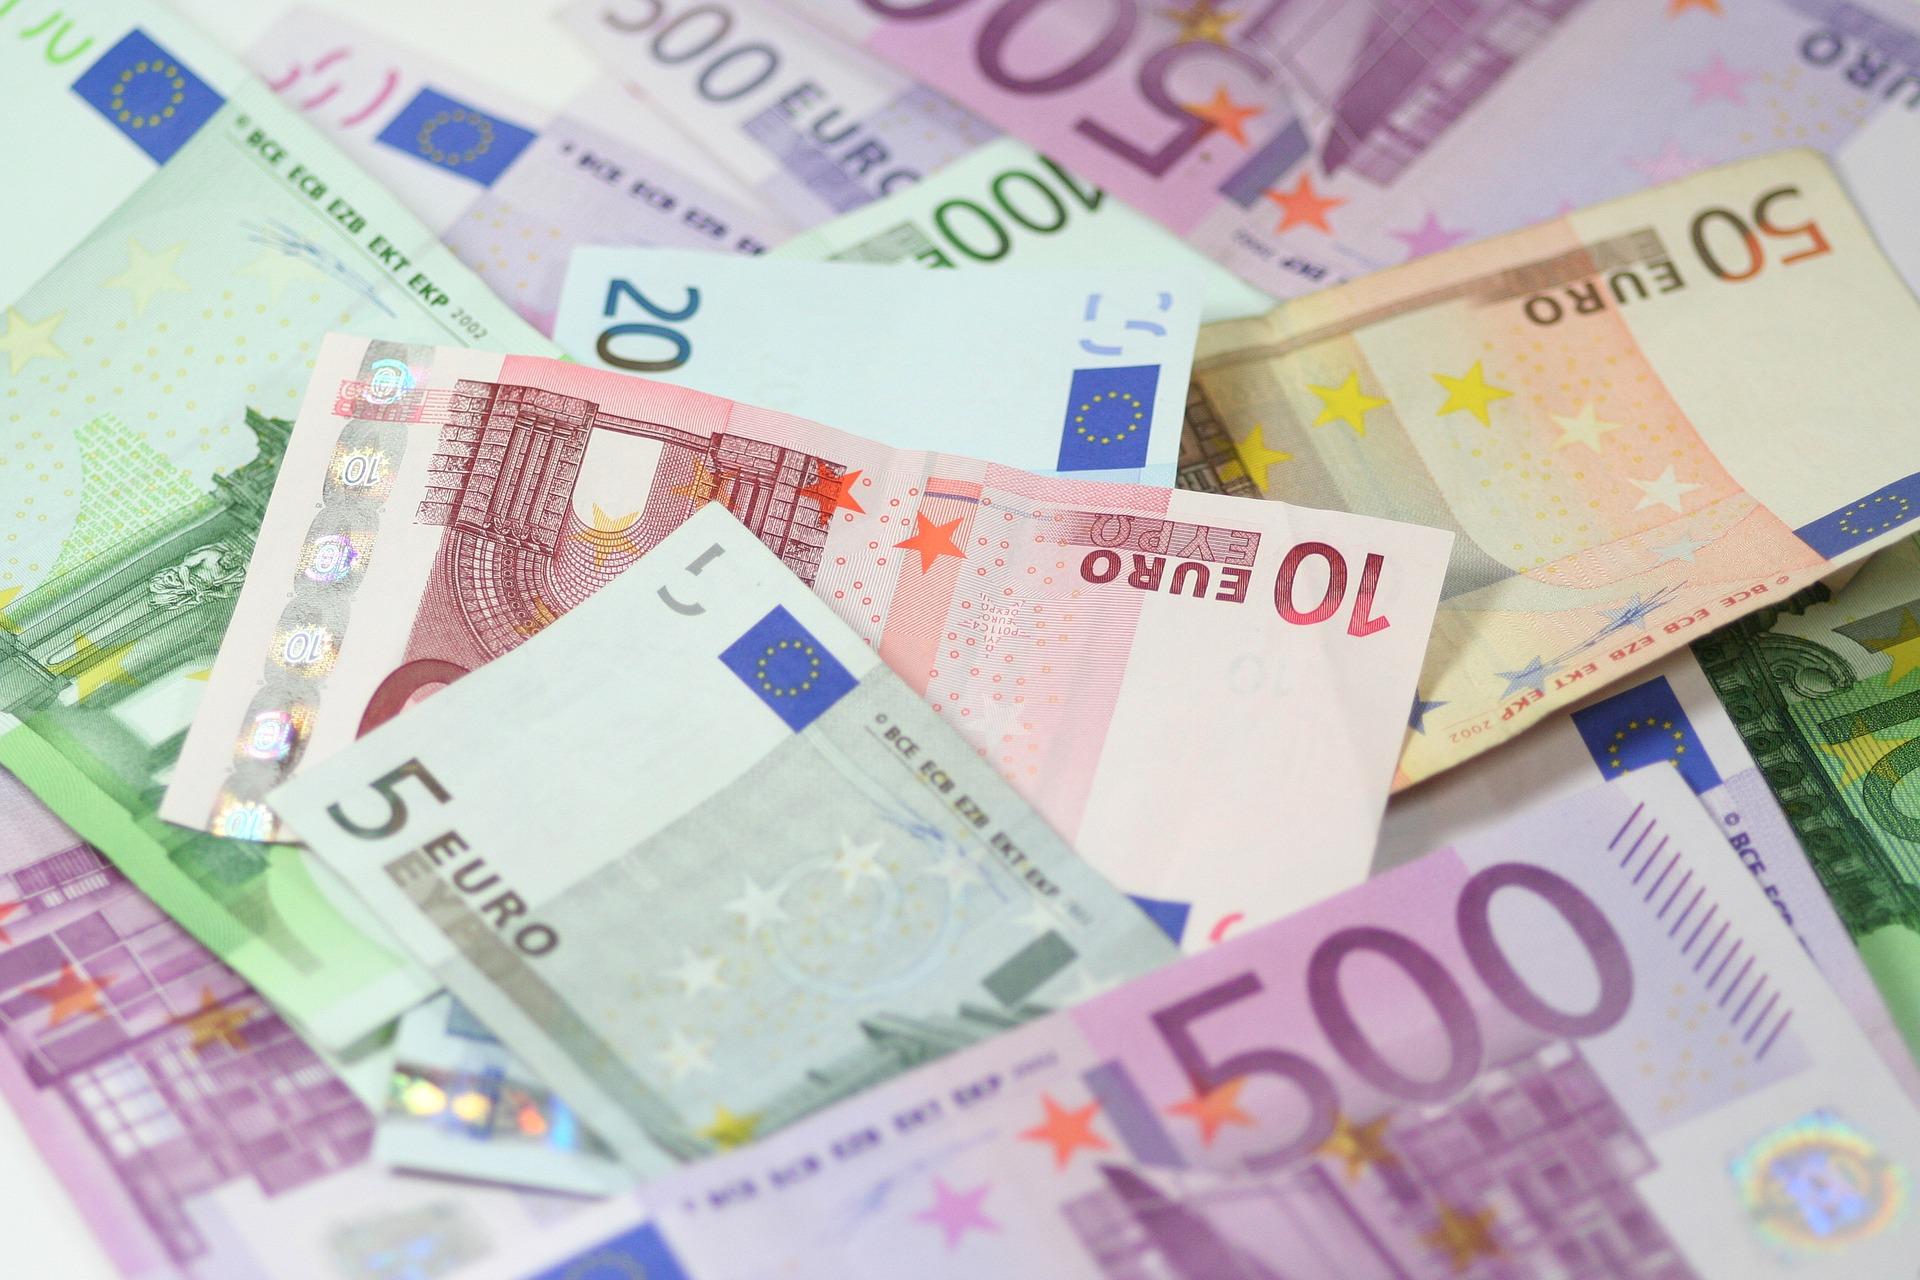 Bargeld ist unter Beschuss und soll daher Verfassungsrang erhalten!